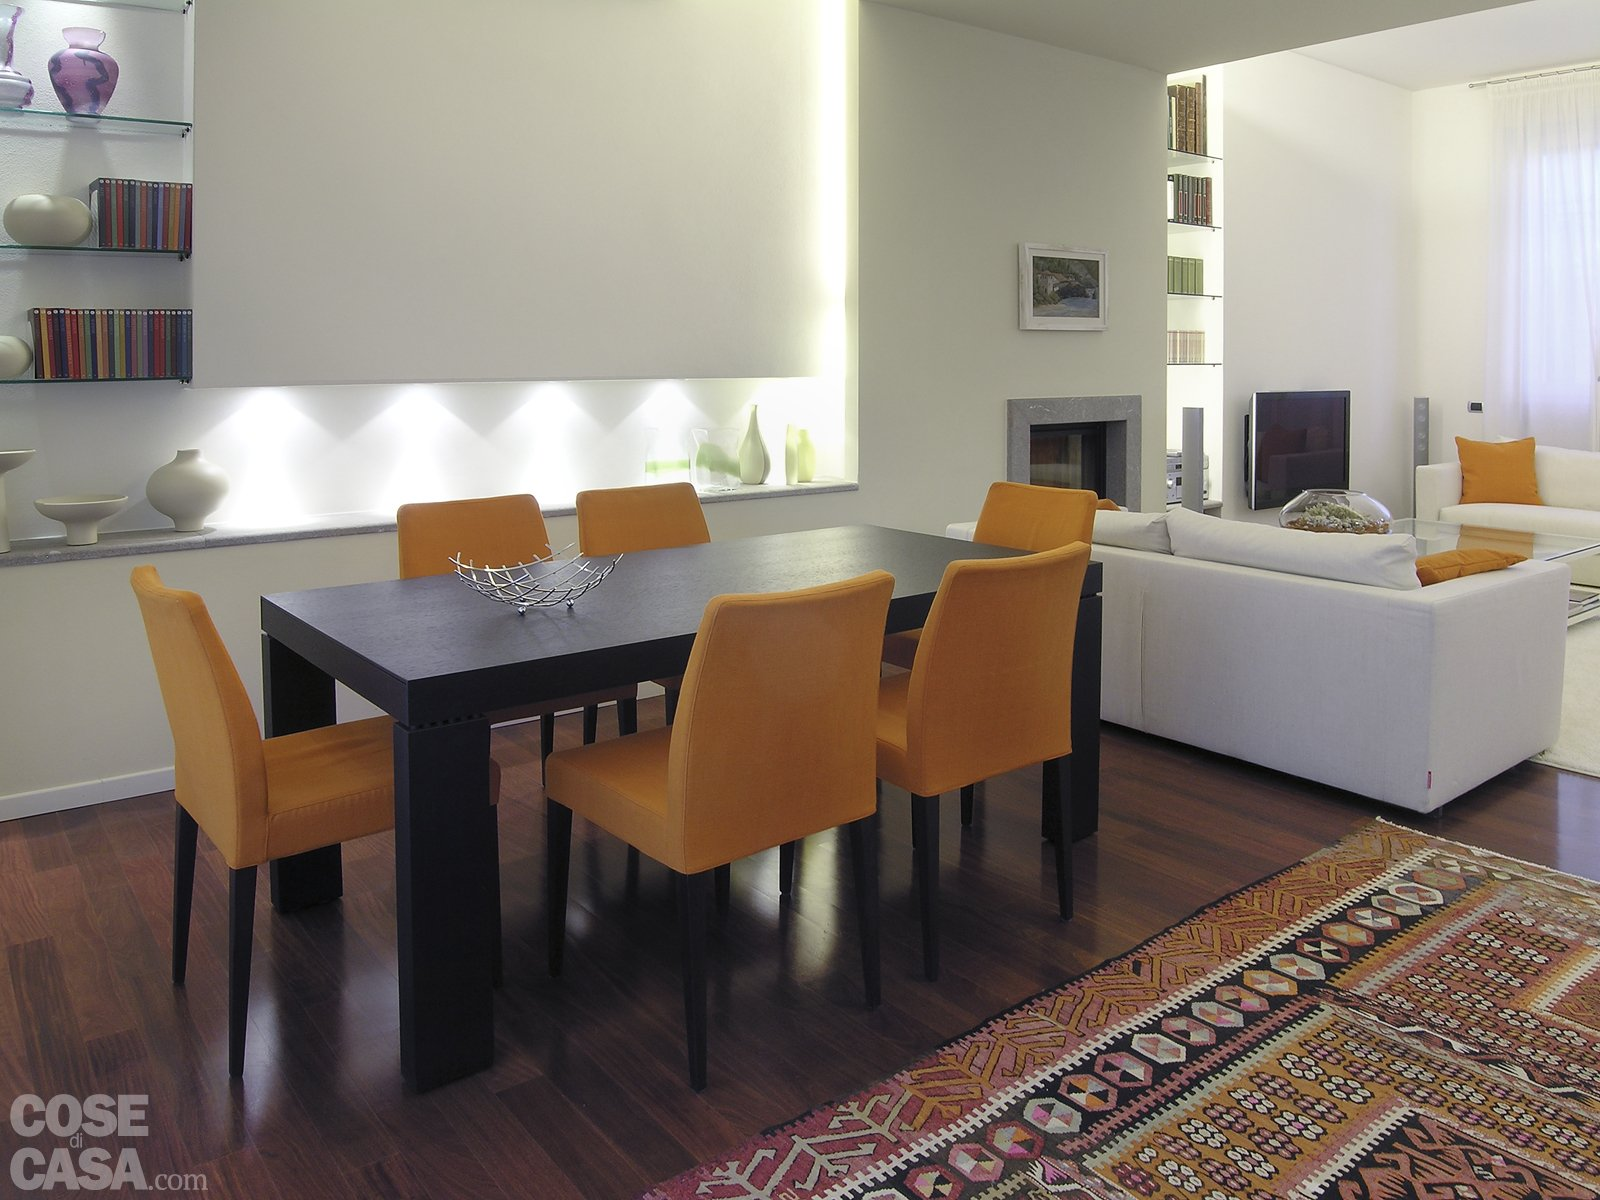 Una Casa Con Tante Idee Da Copiare Cose Di Casa #986C33 1600 1200 Illuminare Sala Da Pranzo